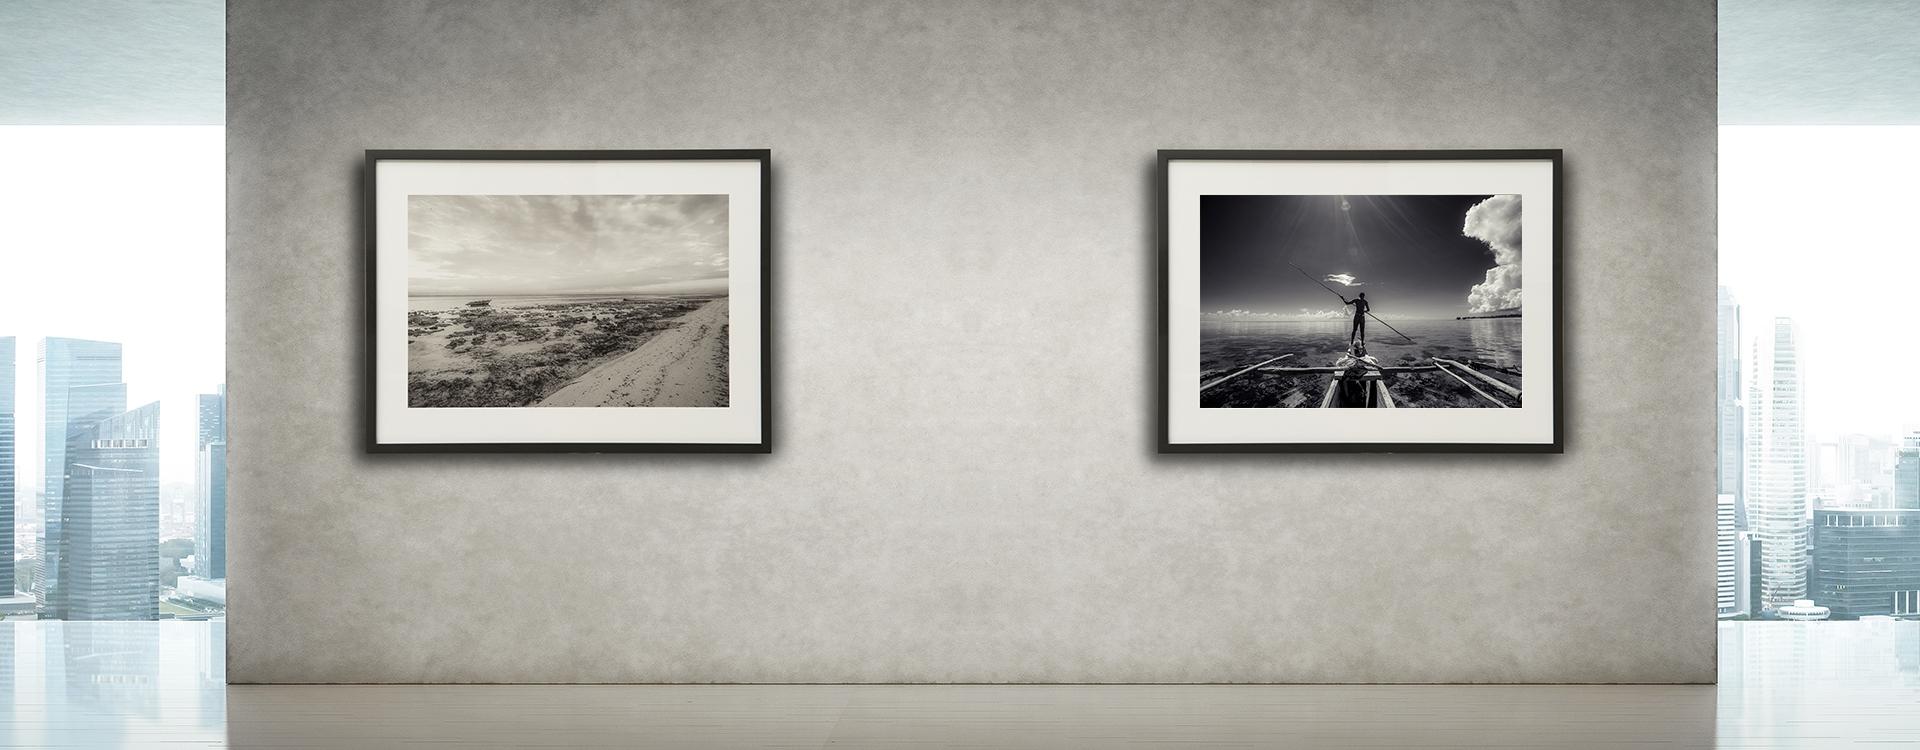 Photographie d'art - photo d'art en ligne artistique en noir et blanc - Sample 1